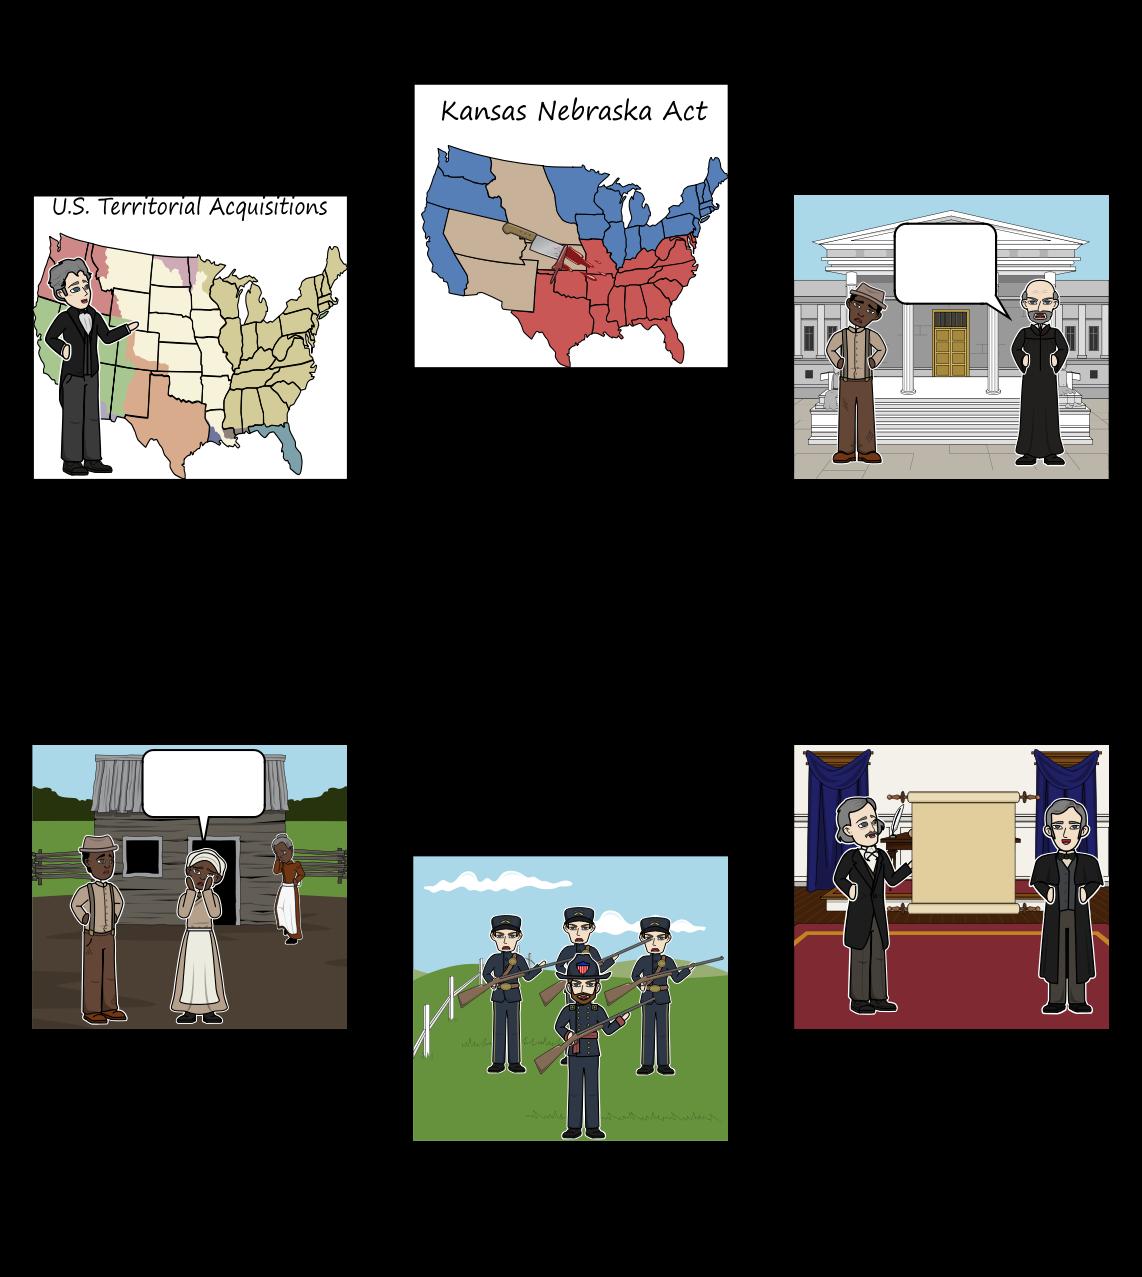 1820 के मिसौरी समझौता - प्रमुख प्रभाव